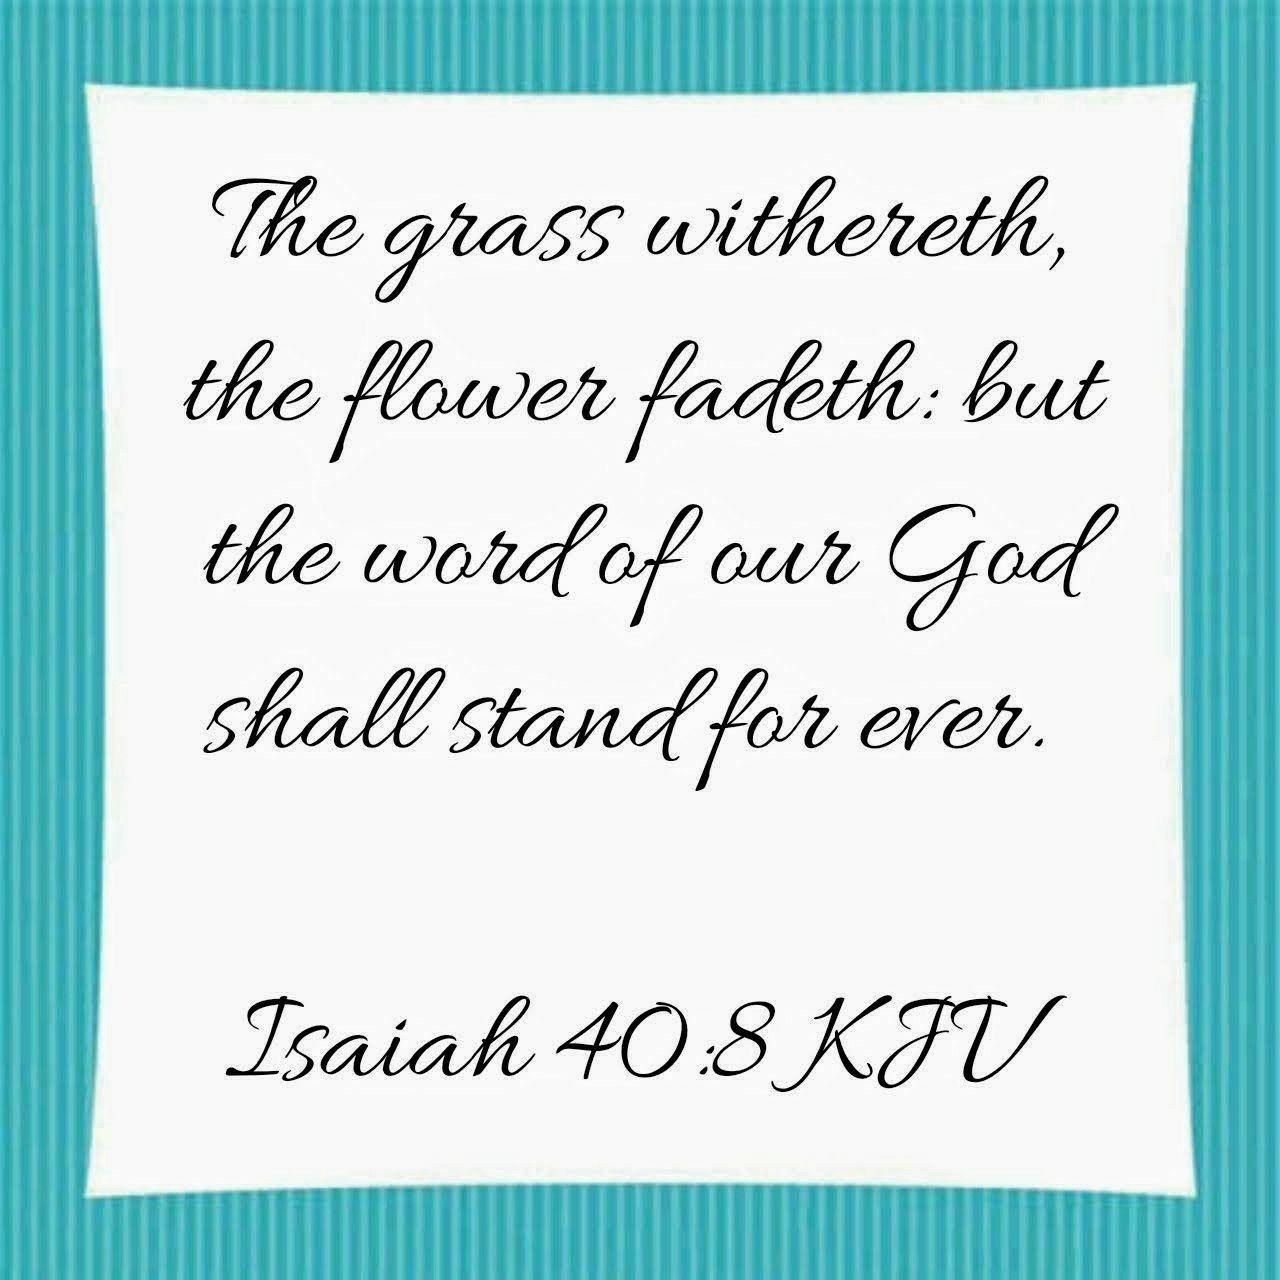 Isaiah 40 8 Kjv